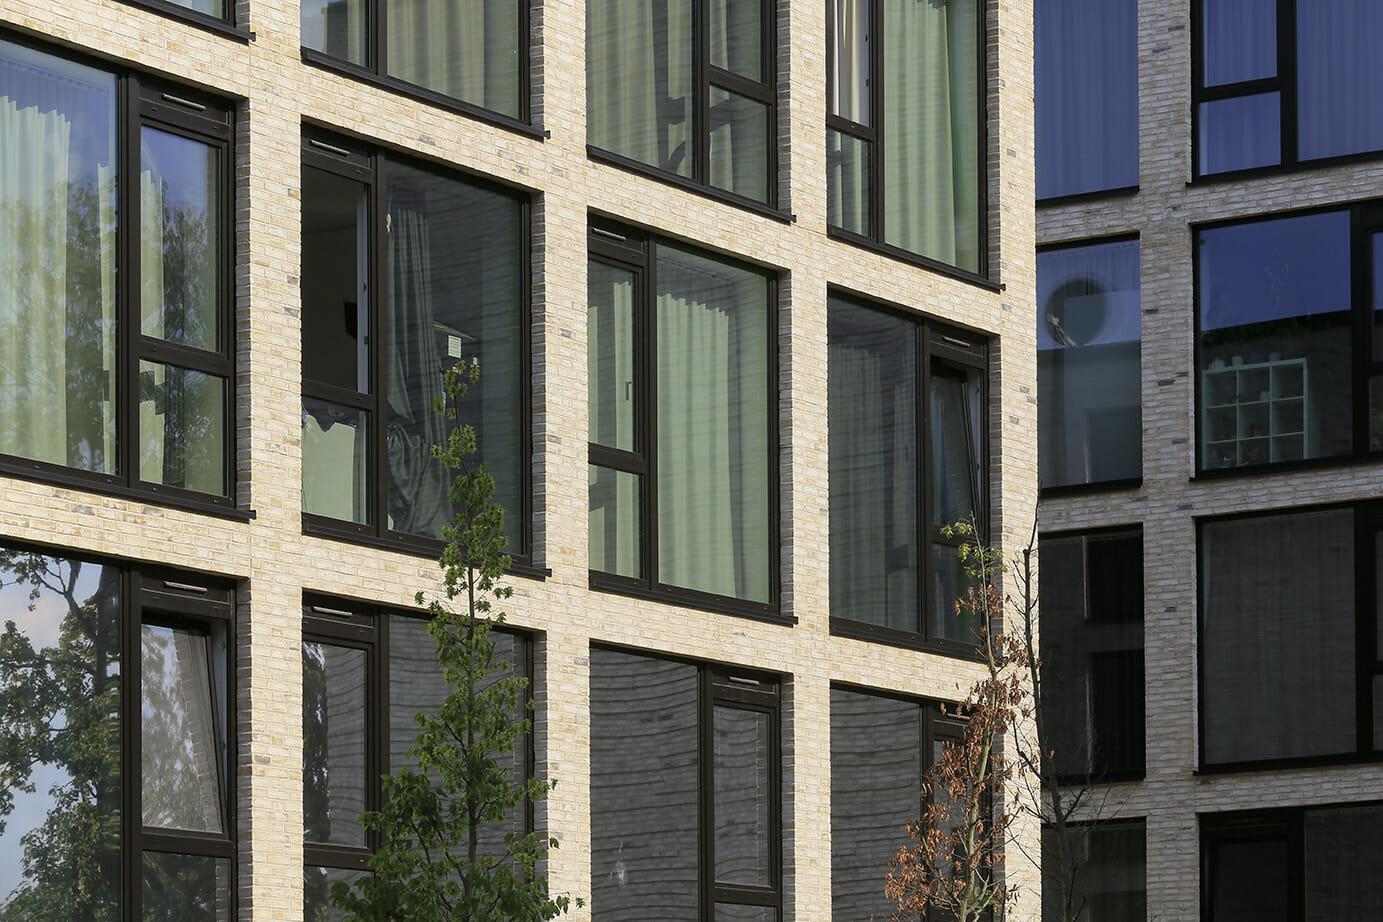 23b8355 gmd architekten bremen - Architekten bremen ...